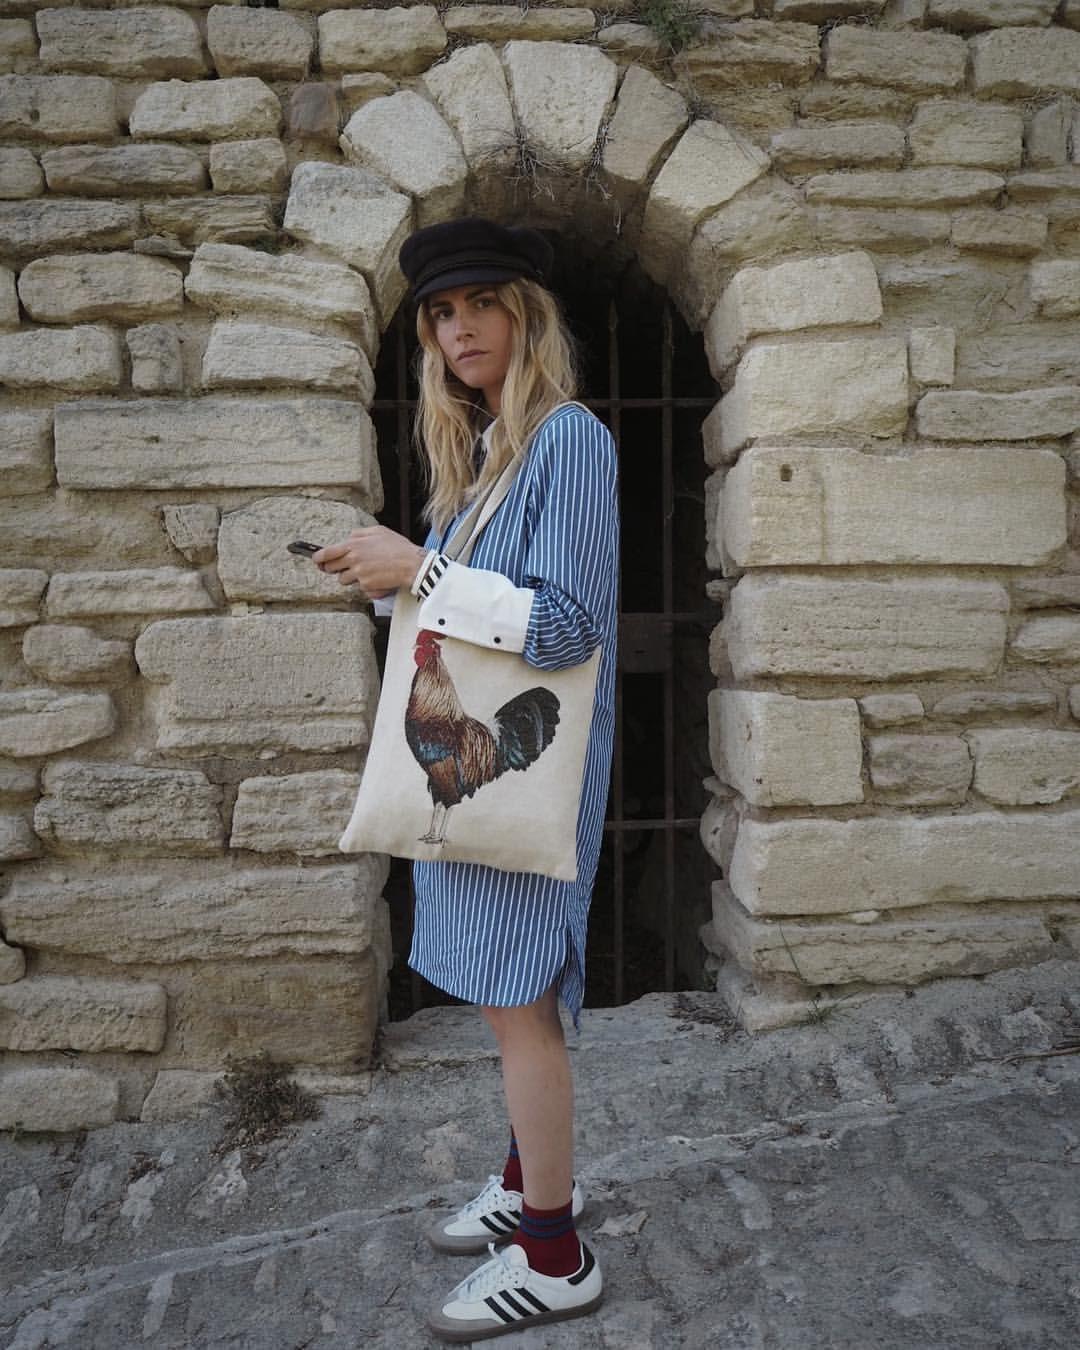 Producto Sabio Marcha mala  3,836 Me gusta, 37 comentarios - Blanca Miró Scrimieri (@blancamiro) en  Instagram: